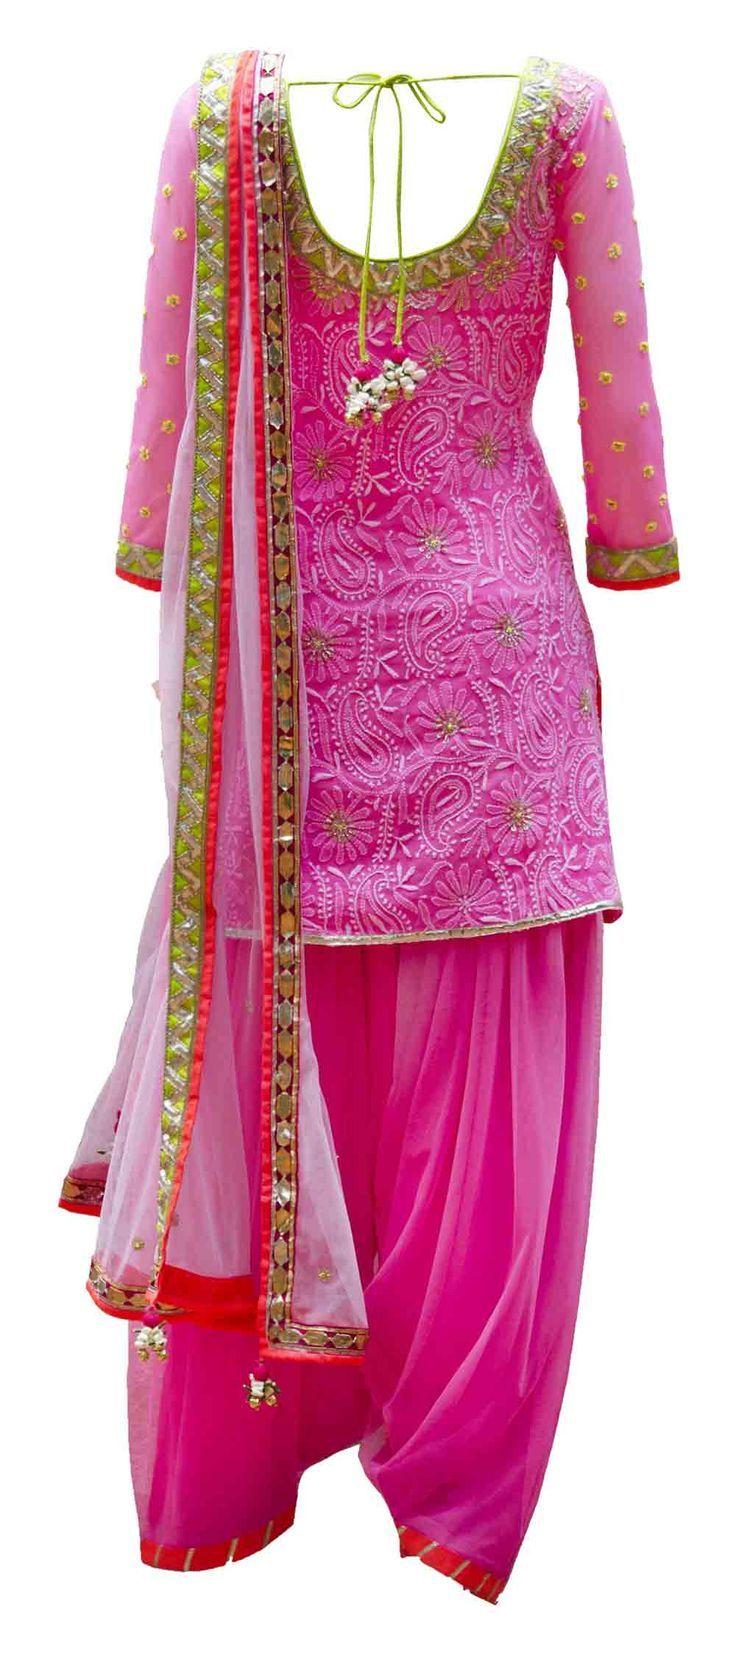 Punjabi Suits Latest Indian patiala Shalwar Kameez Collection 2015-2016 (3)